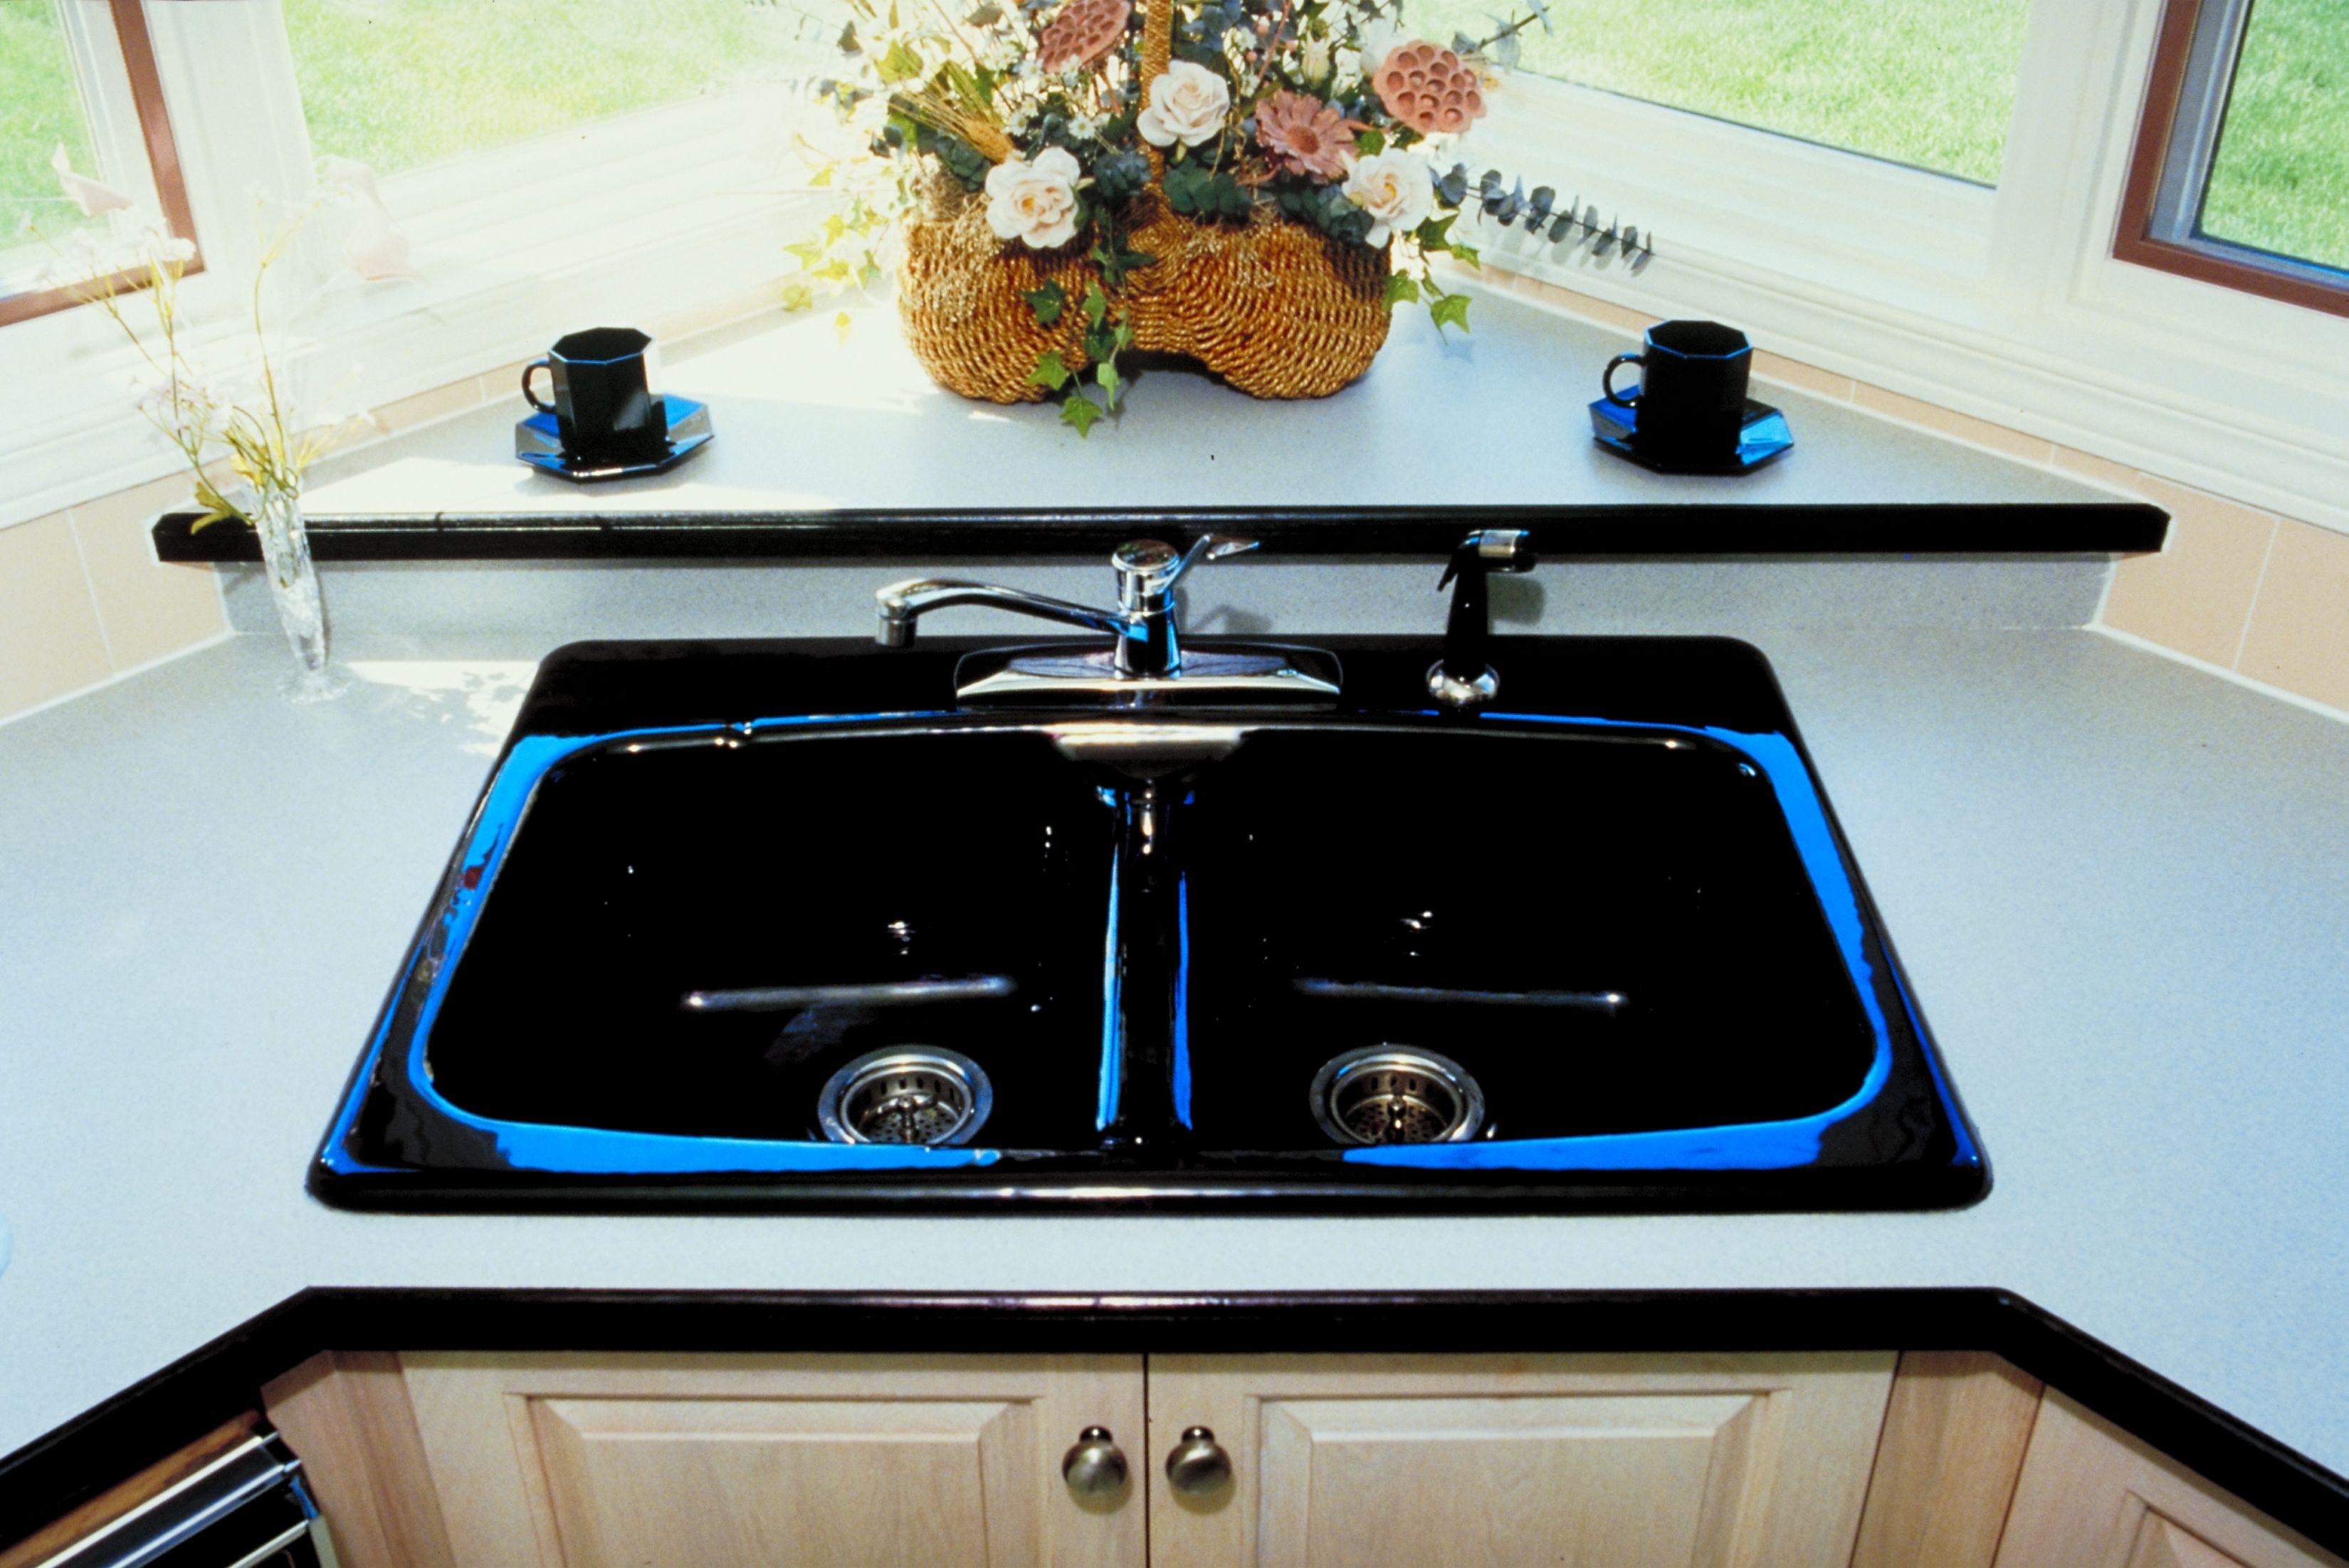 Las desventajas de colocar el fregadero de la cocina en la esquina |